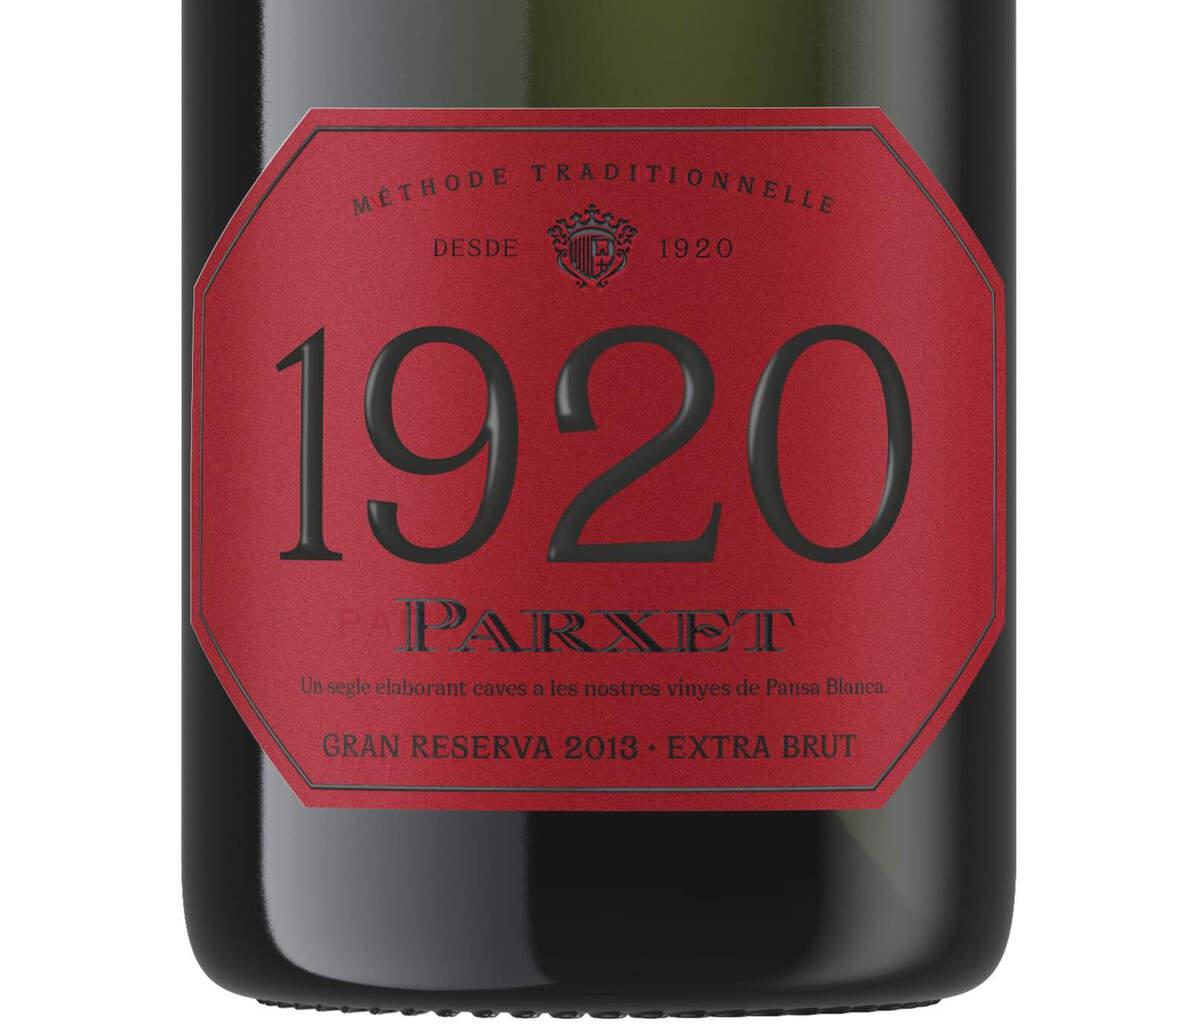 1920 és el nou cava de Parxet per celebrar el seu centenari